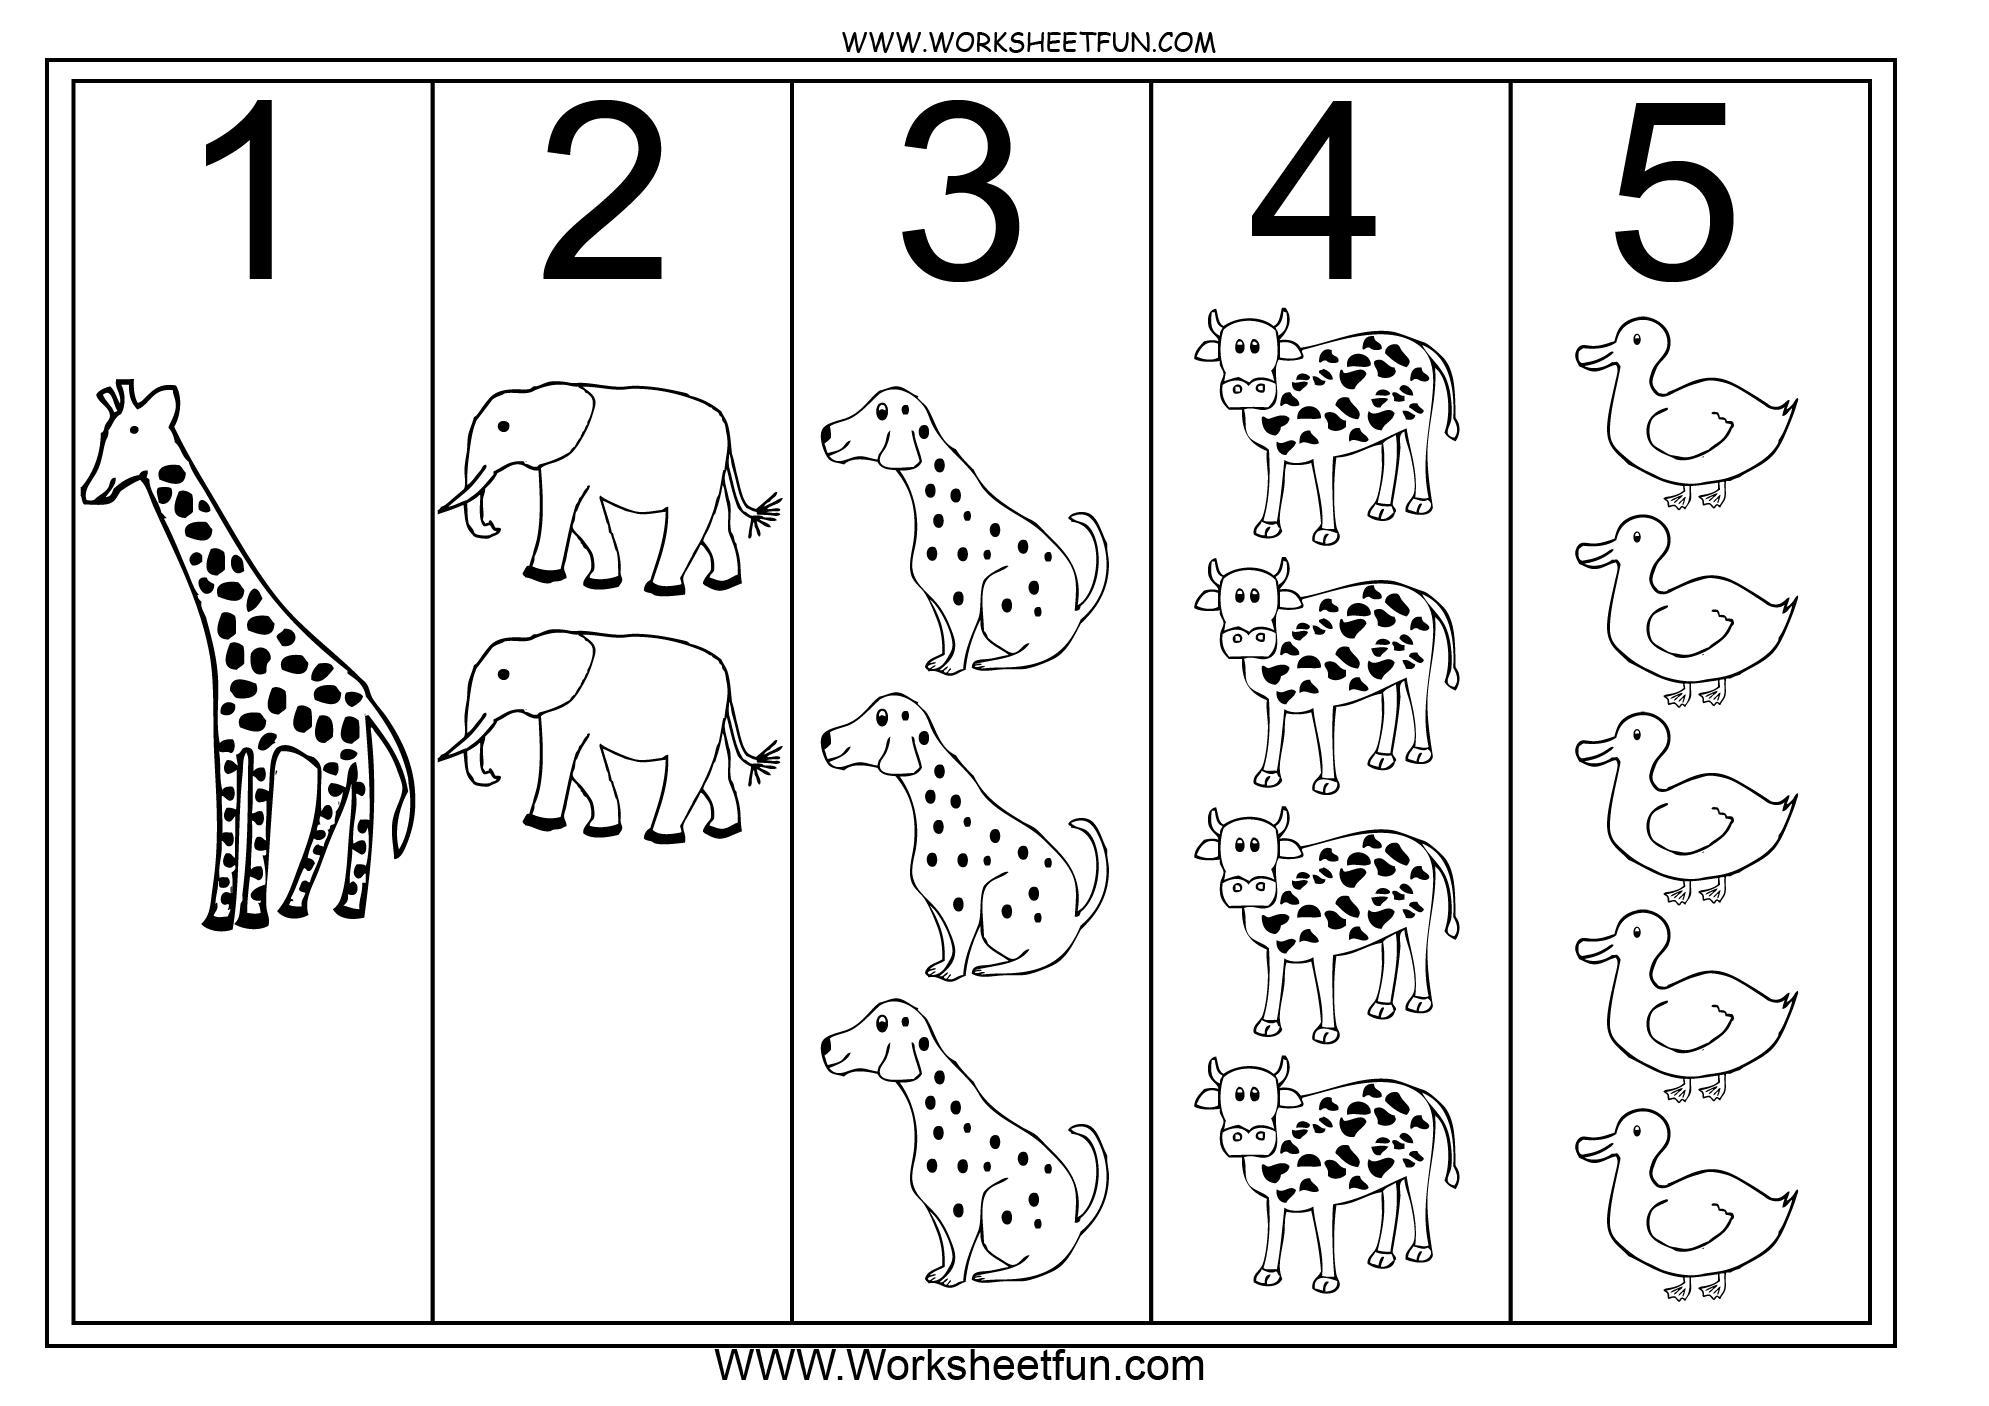 Preschool Worksheets Numbers 1-5 1